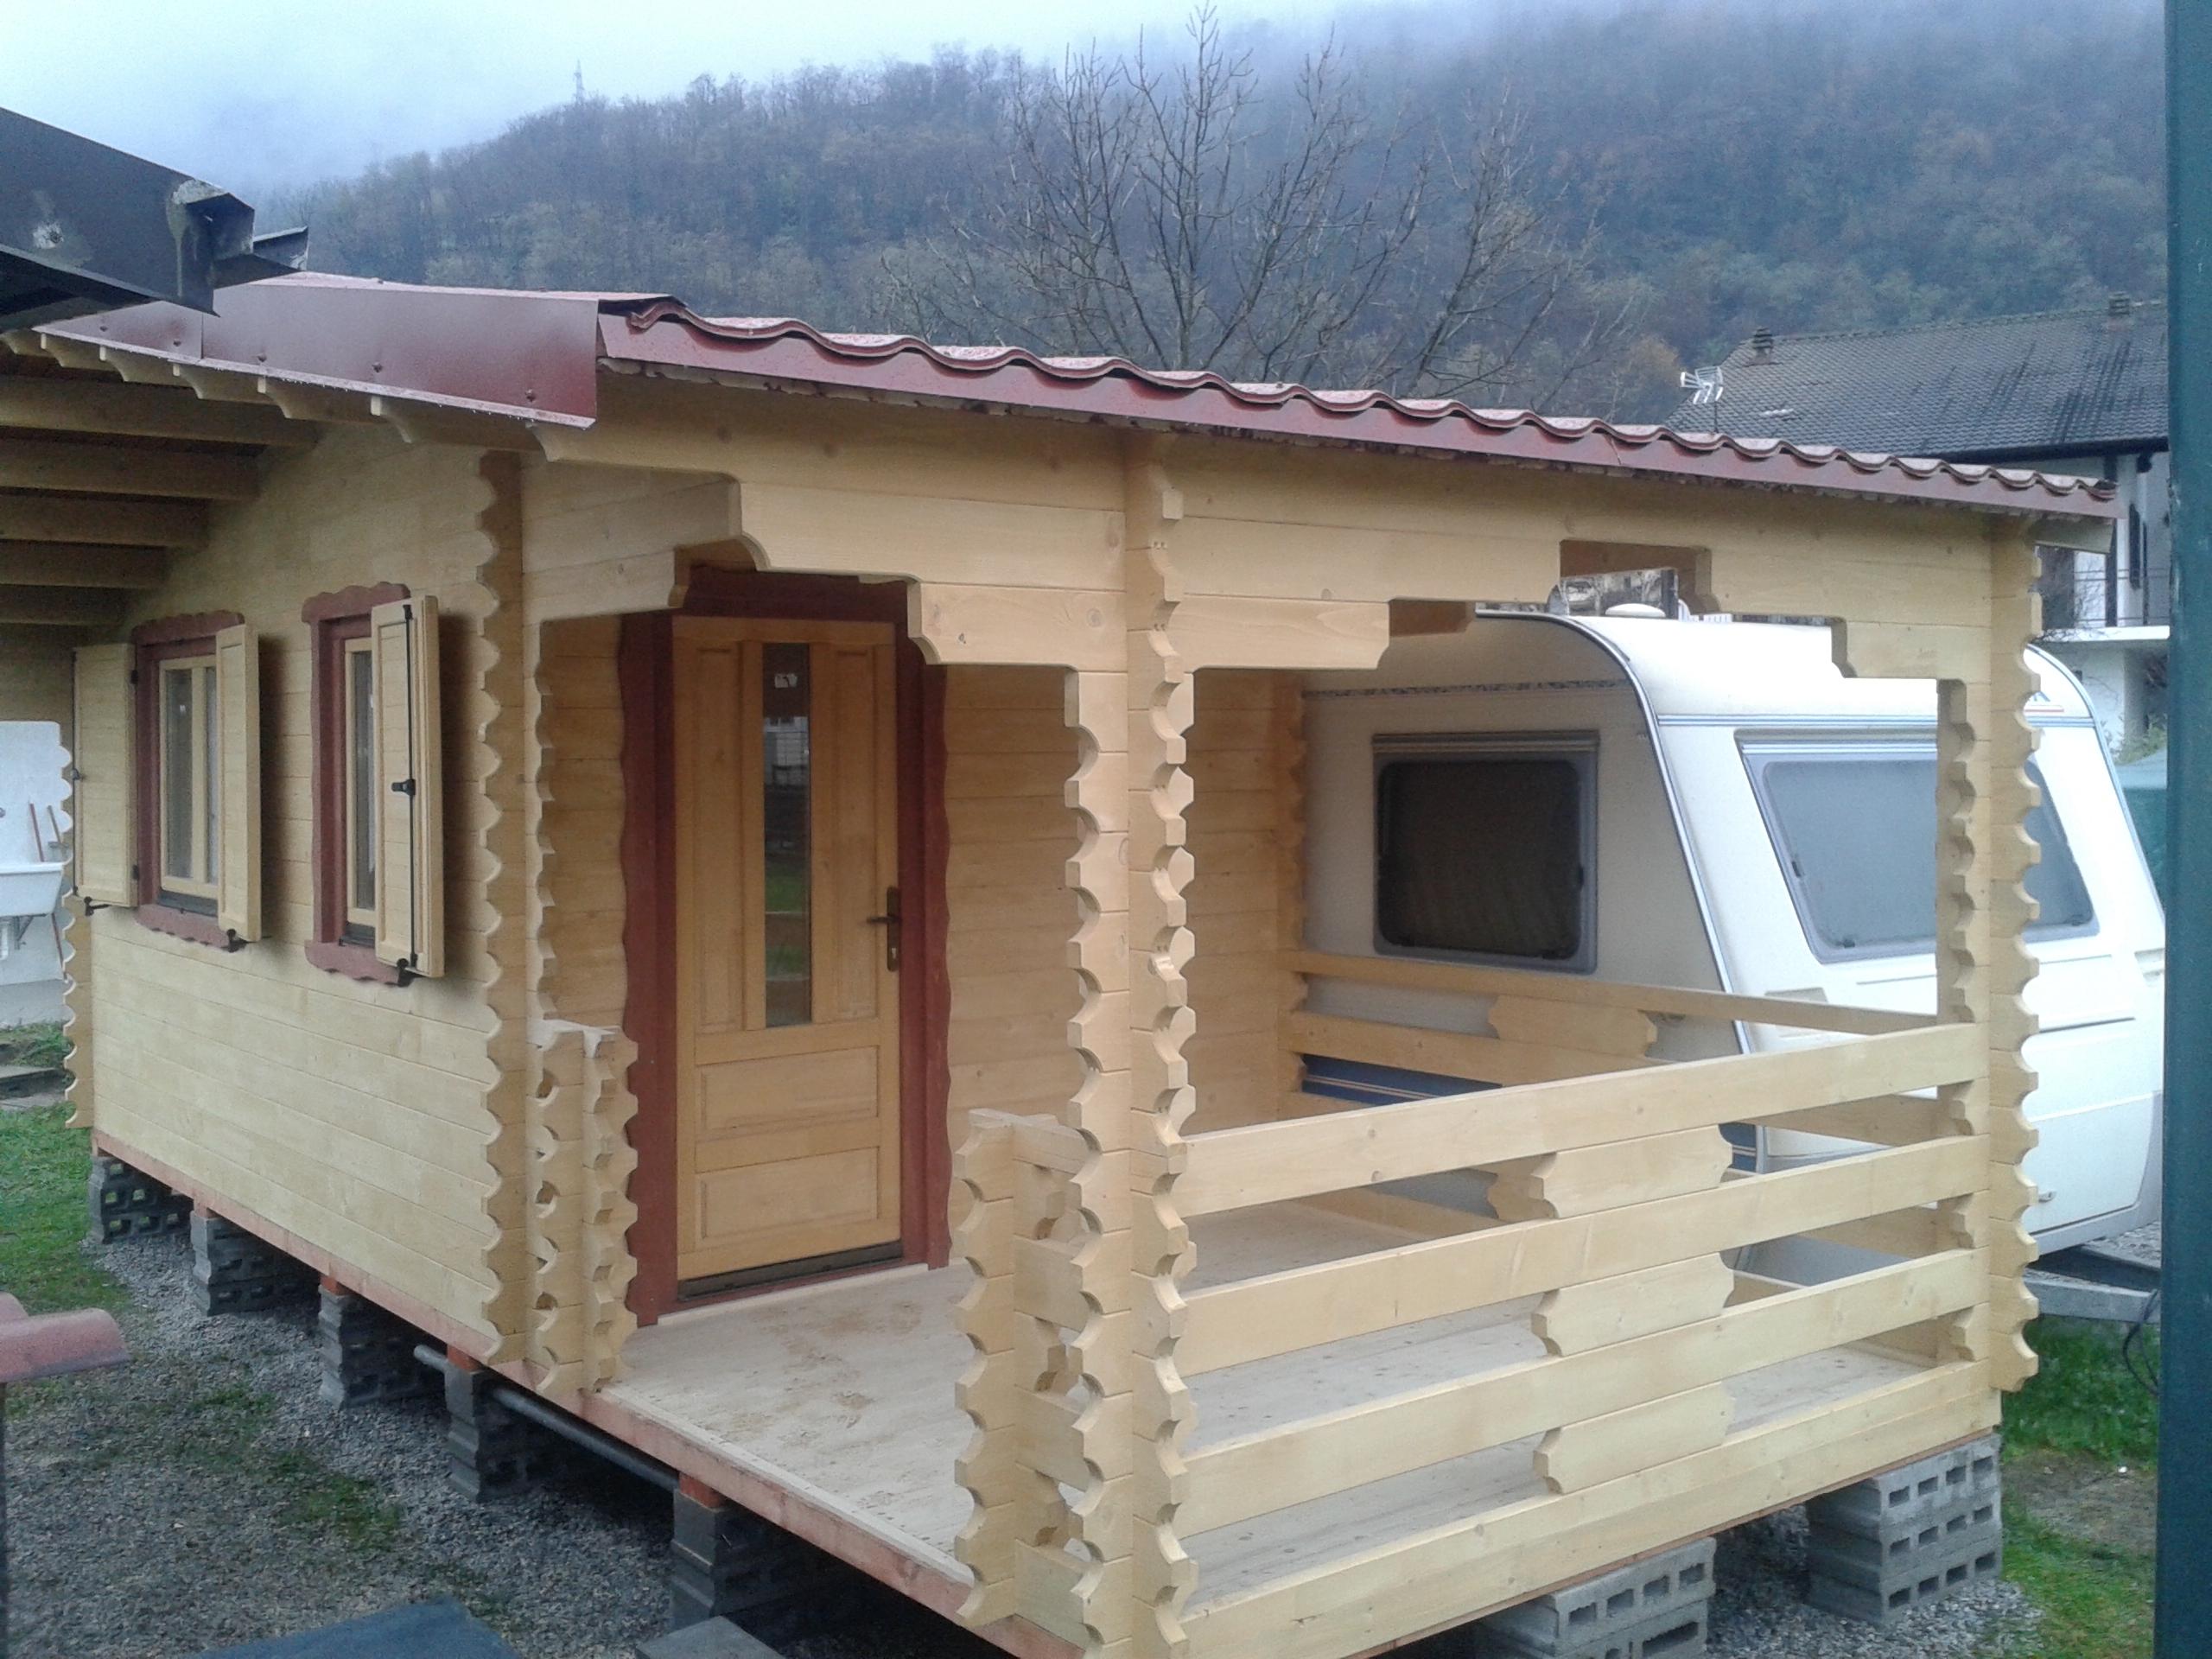 Casette da campeggio case in legno casette in legno for Casette prefabbricate legno